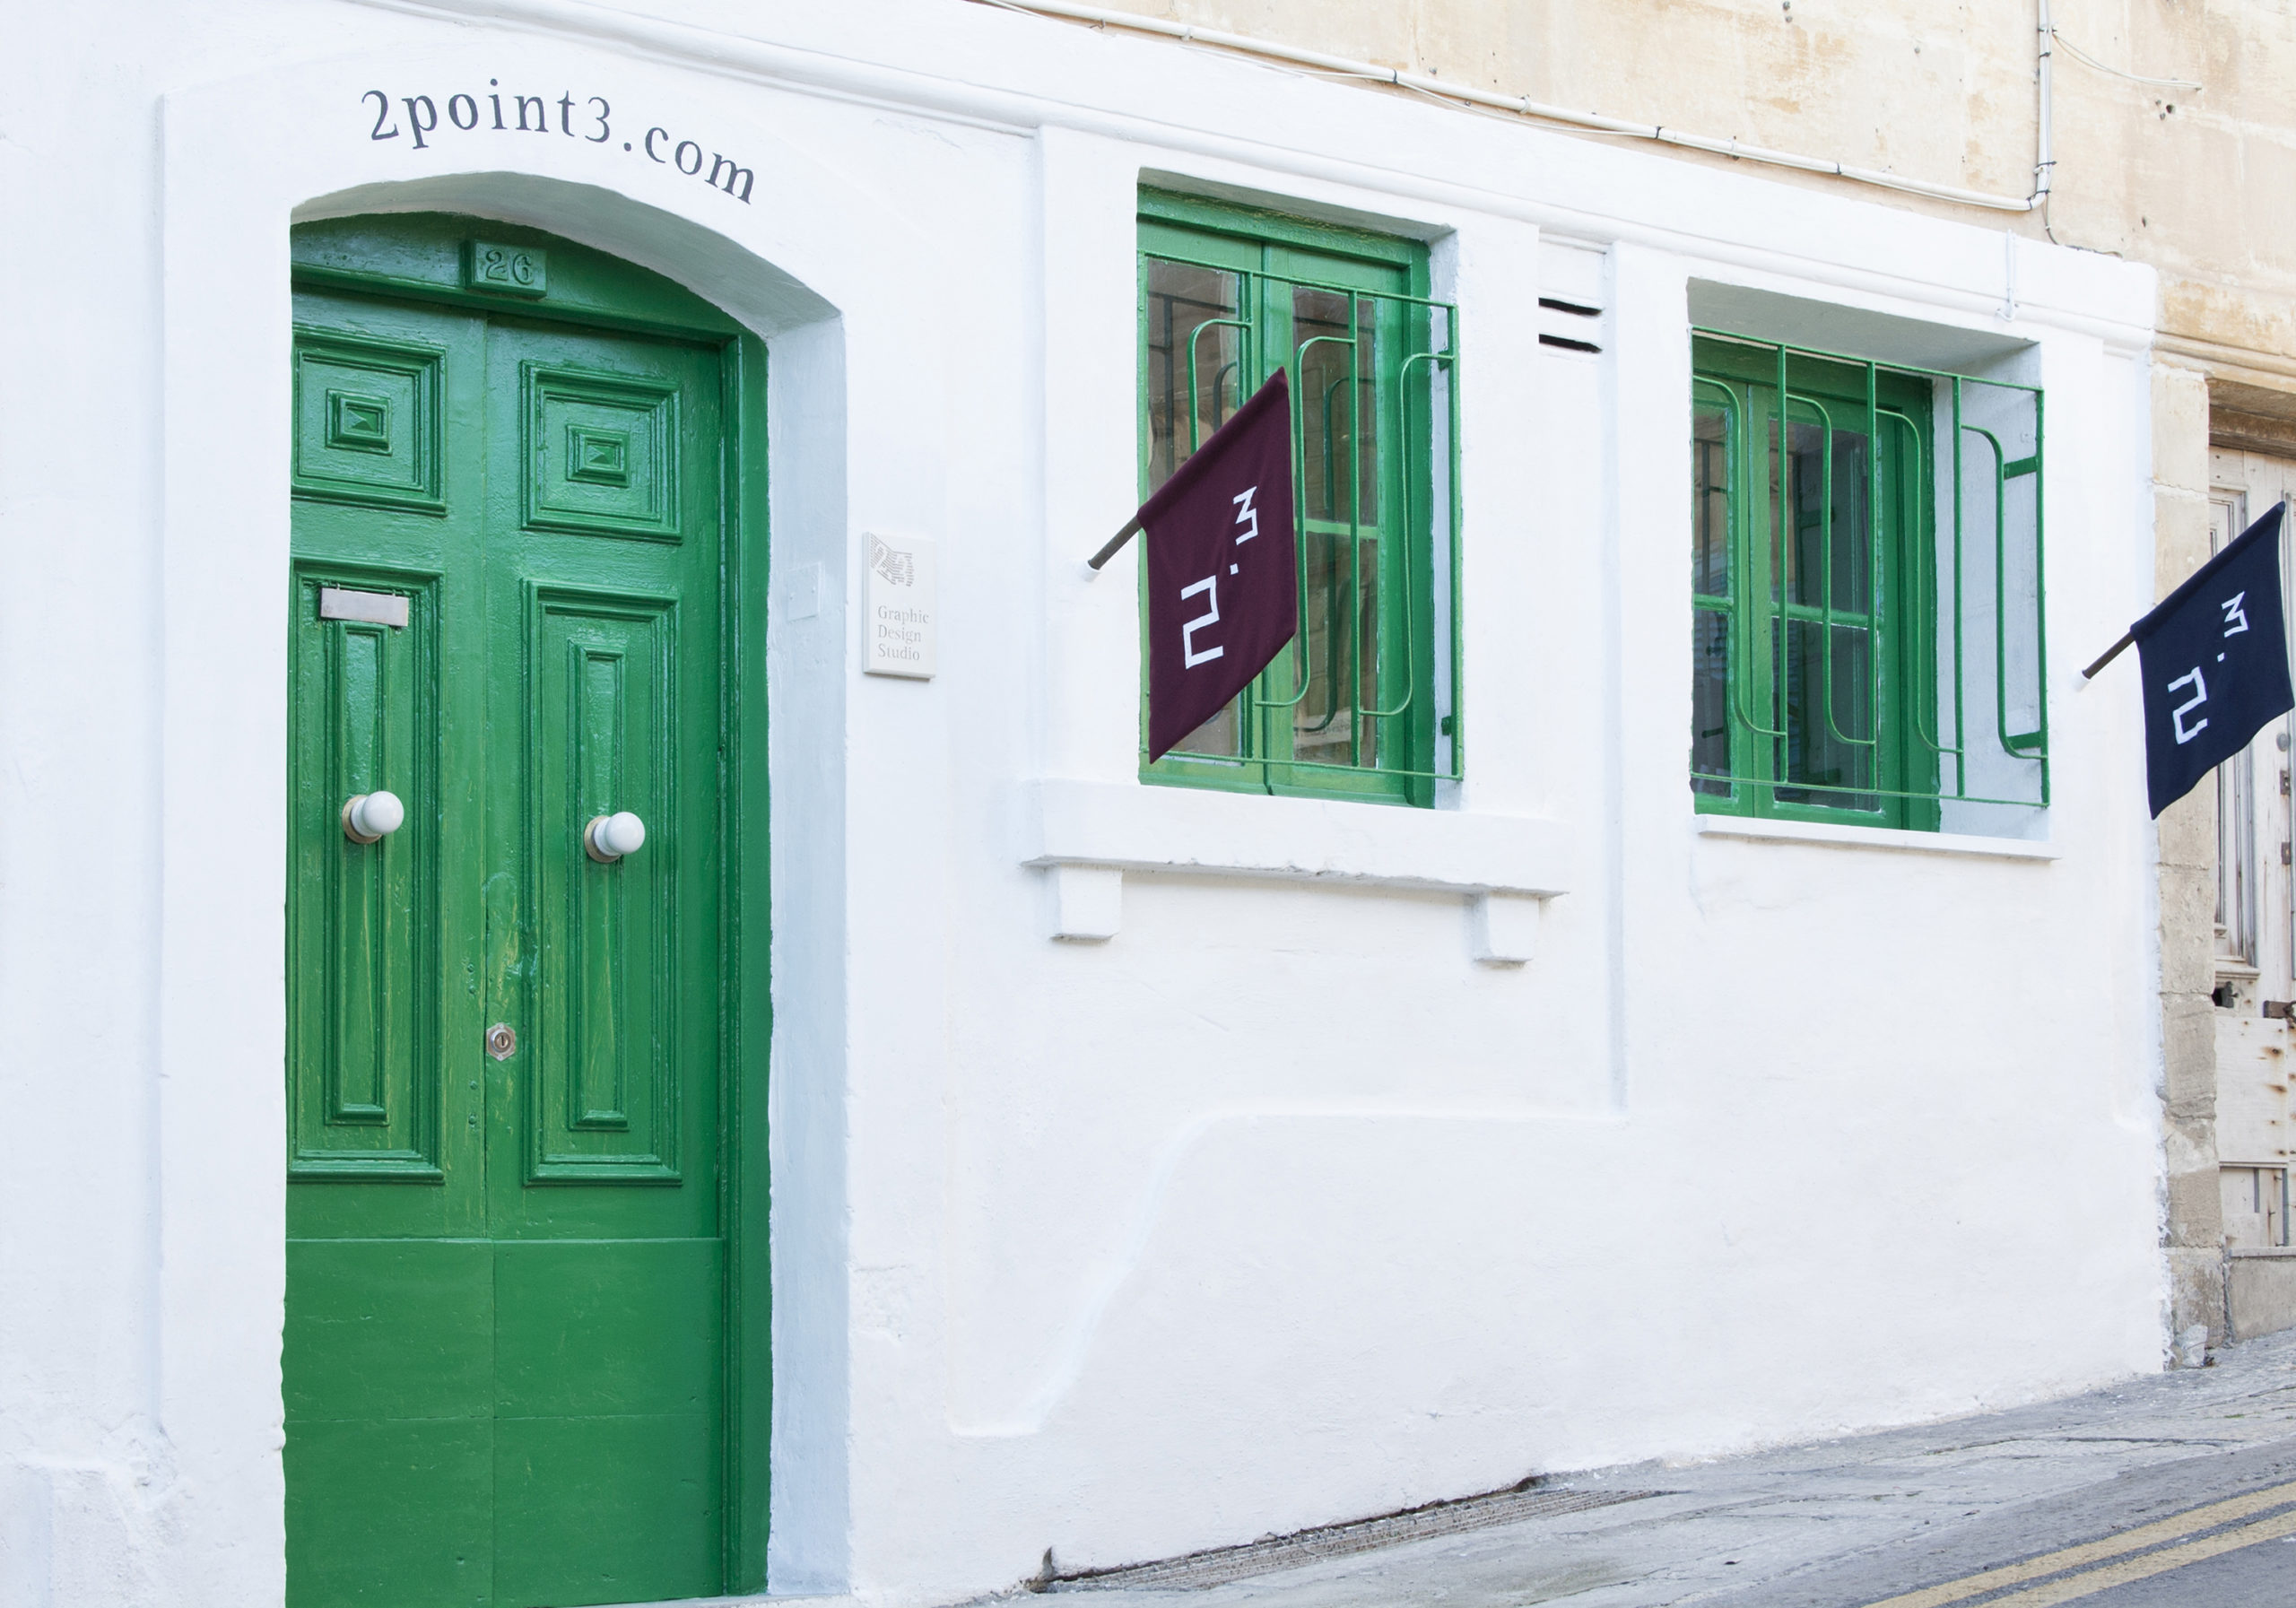 Graphic Design Studio - 2point3 - Malta, Europe